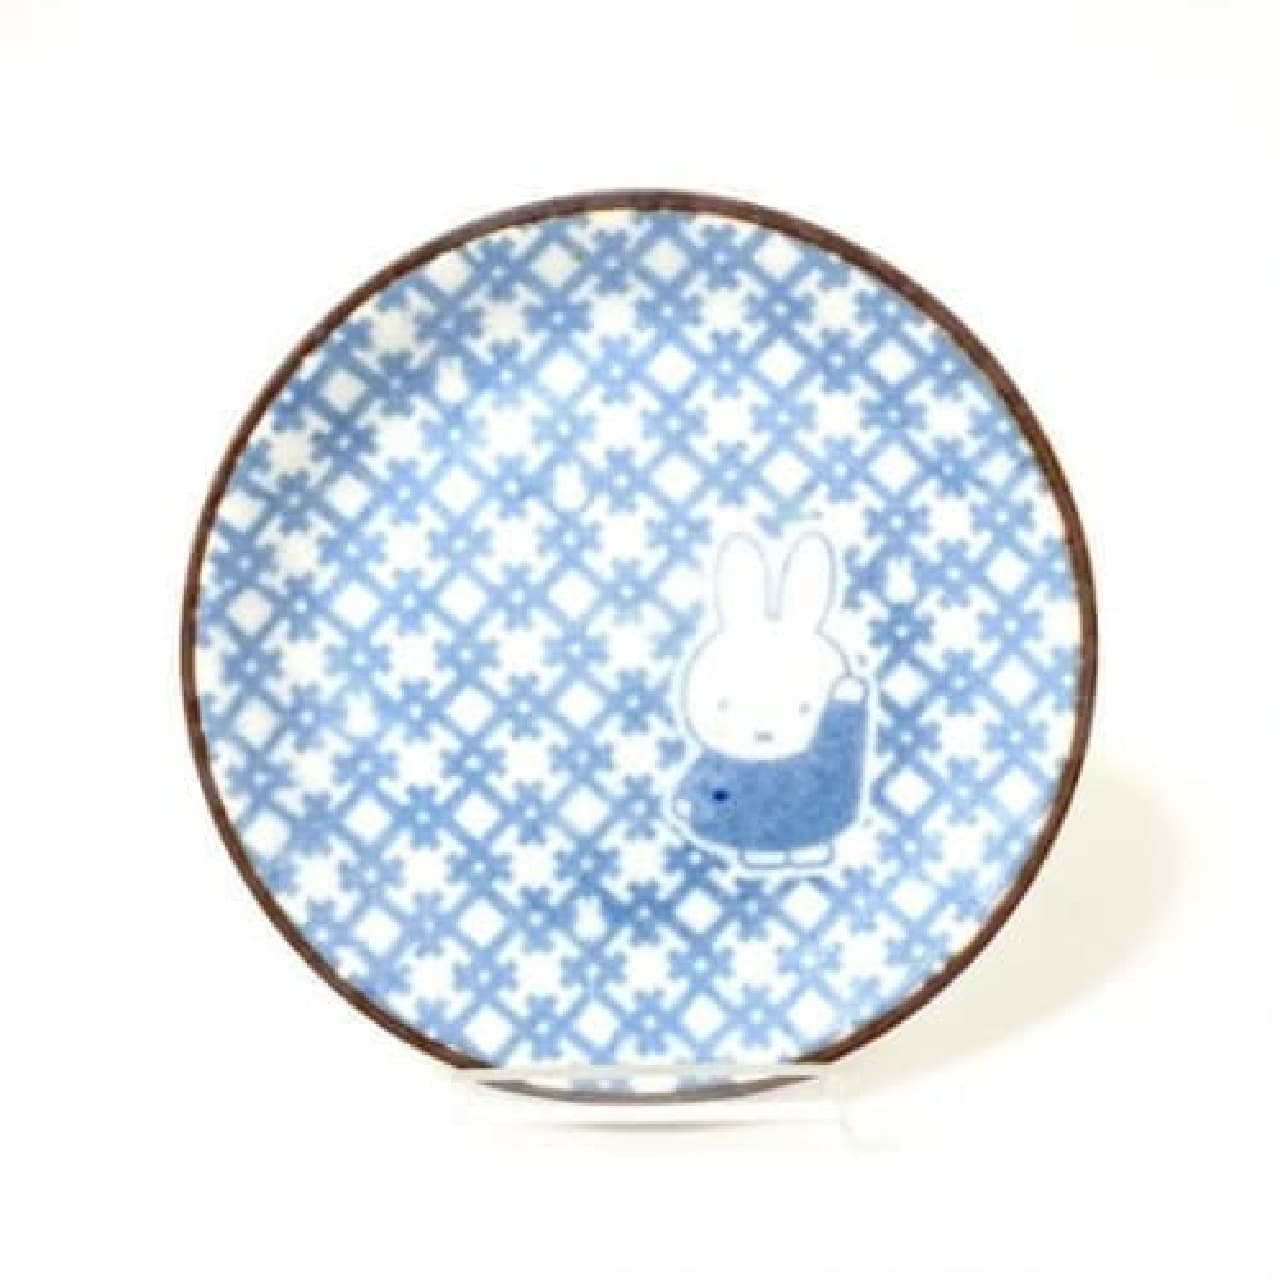 和小紋×ミッフィーの可愛い食器 -- マグカップ・湯呑・小皿